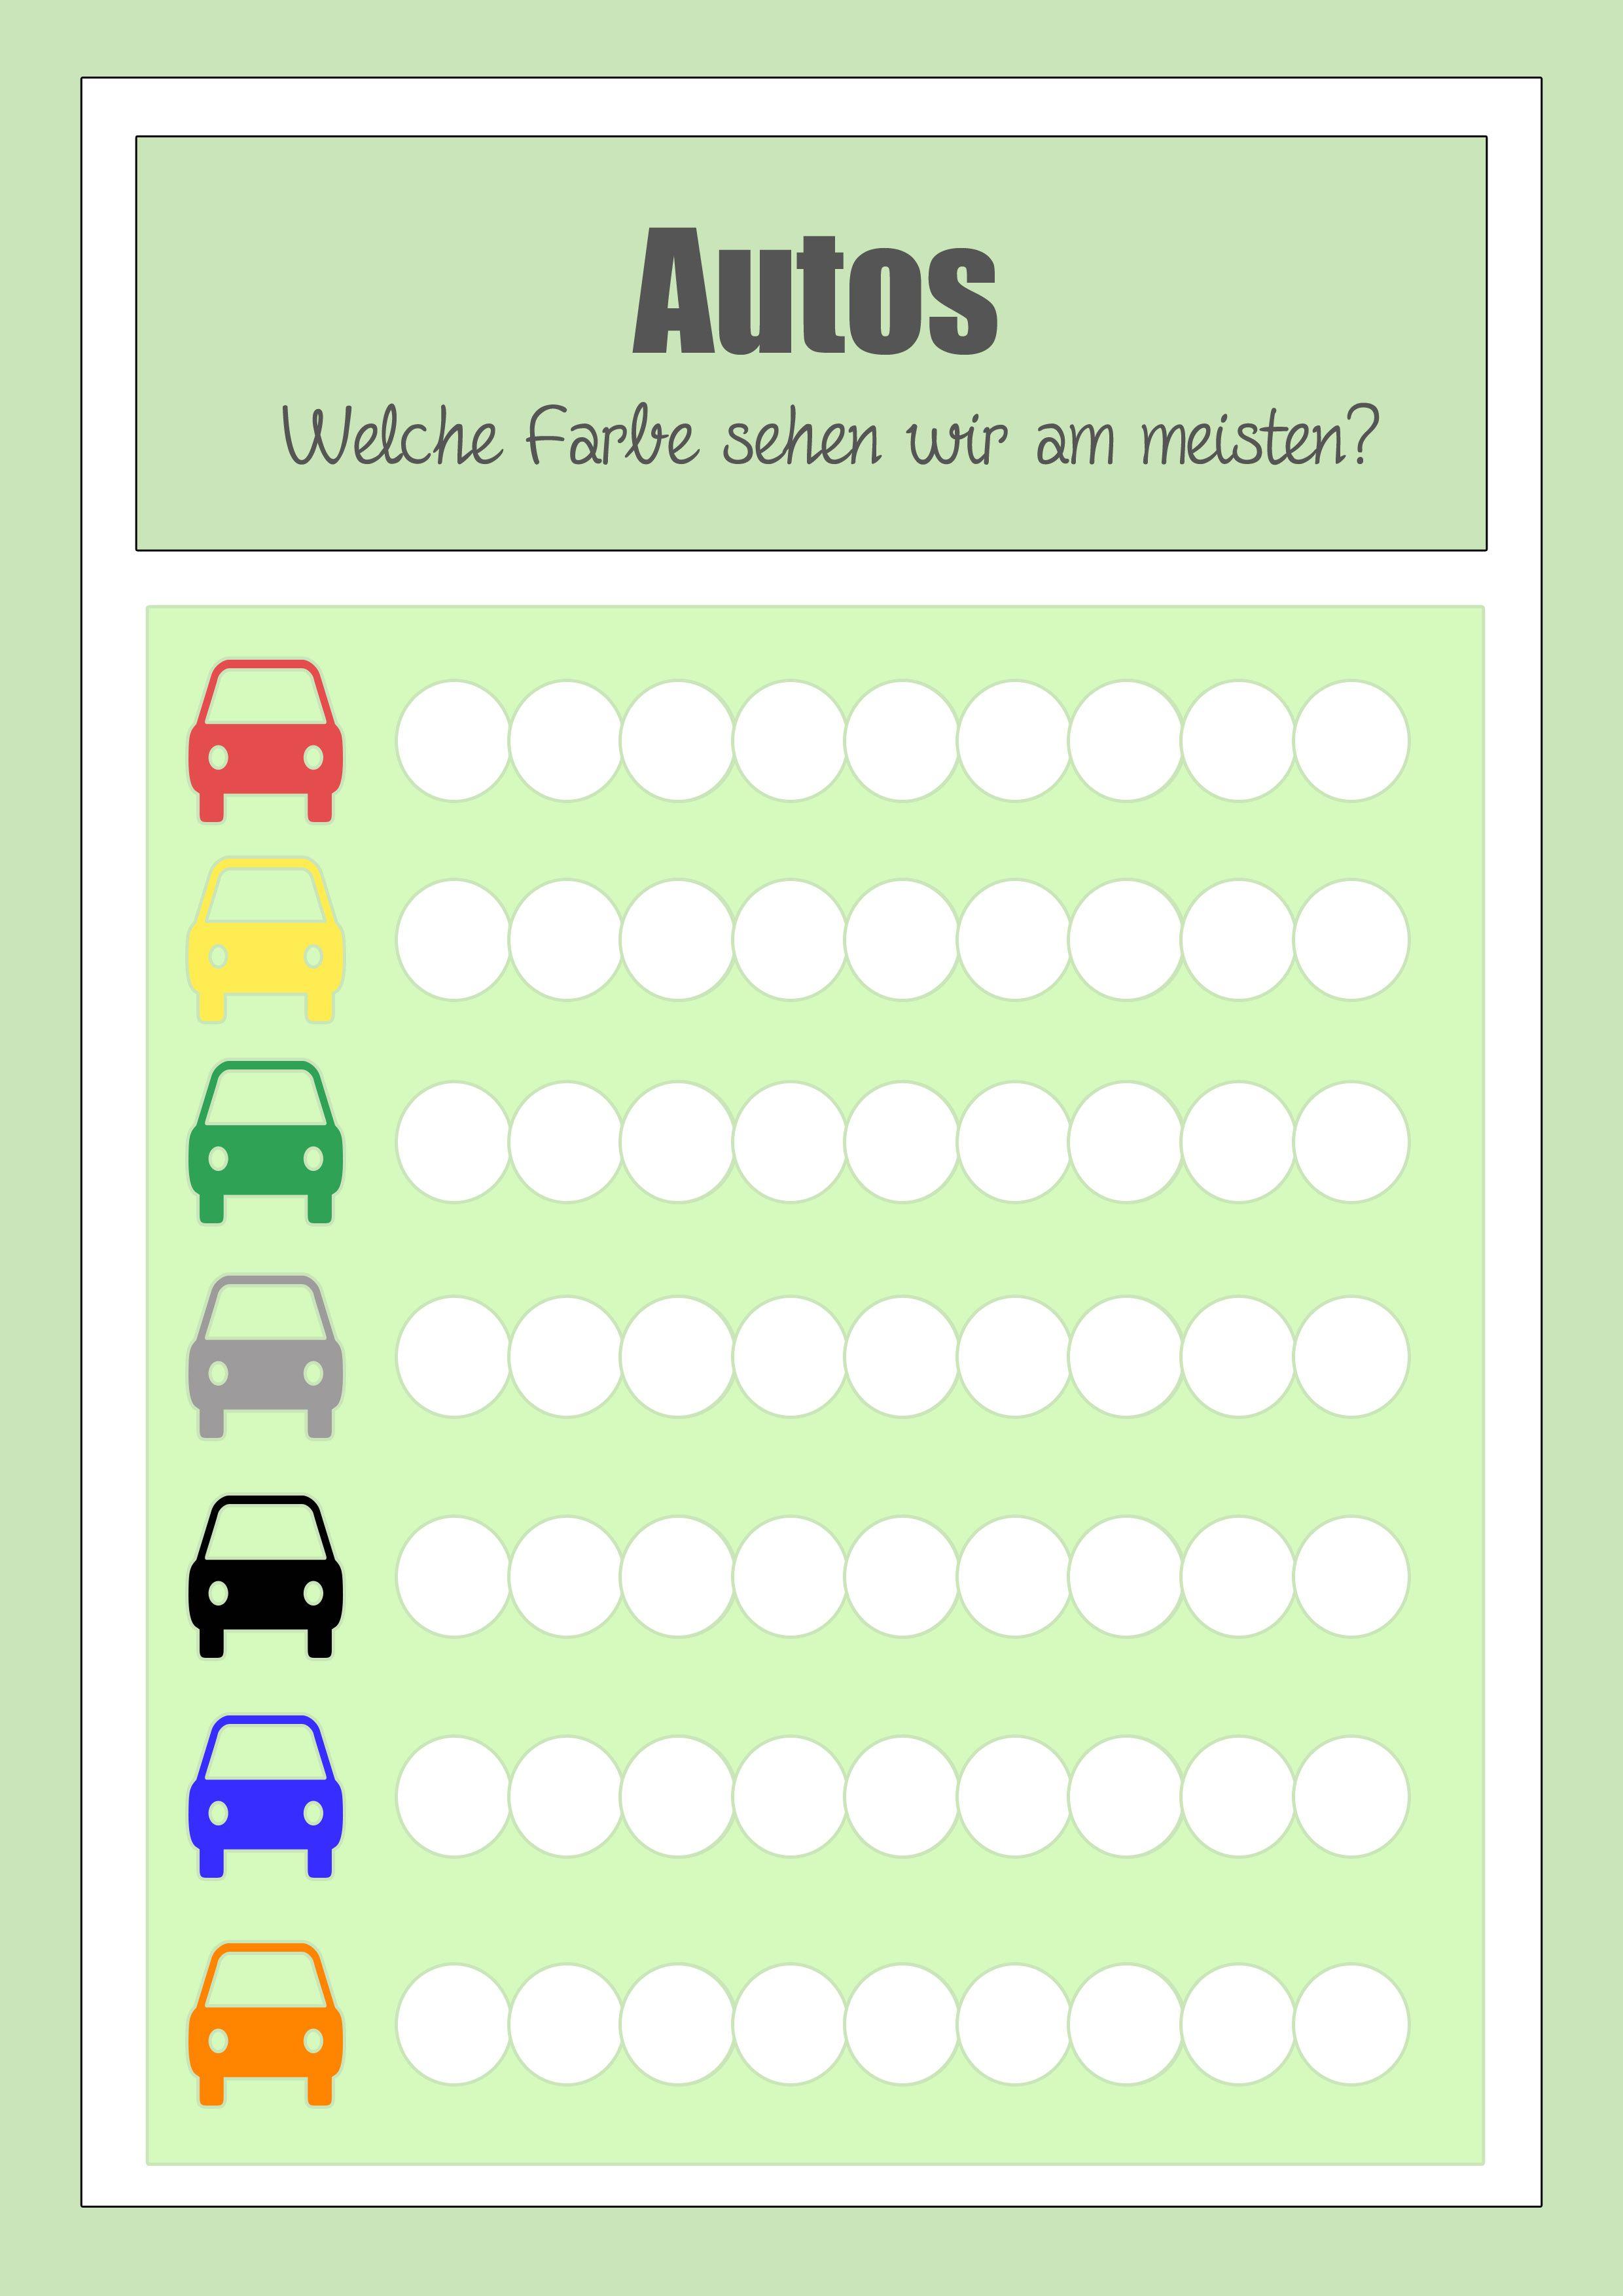 Reisespiele Zum Ausdrucken Fur Die Autofahrt Mit Kindern Reisespiele Spiele Fur Unterwegs Und Road Trip Kinder